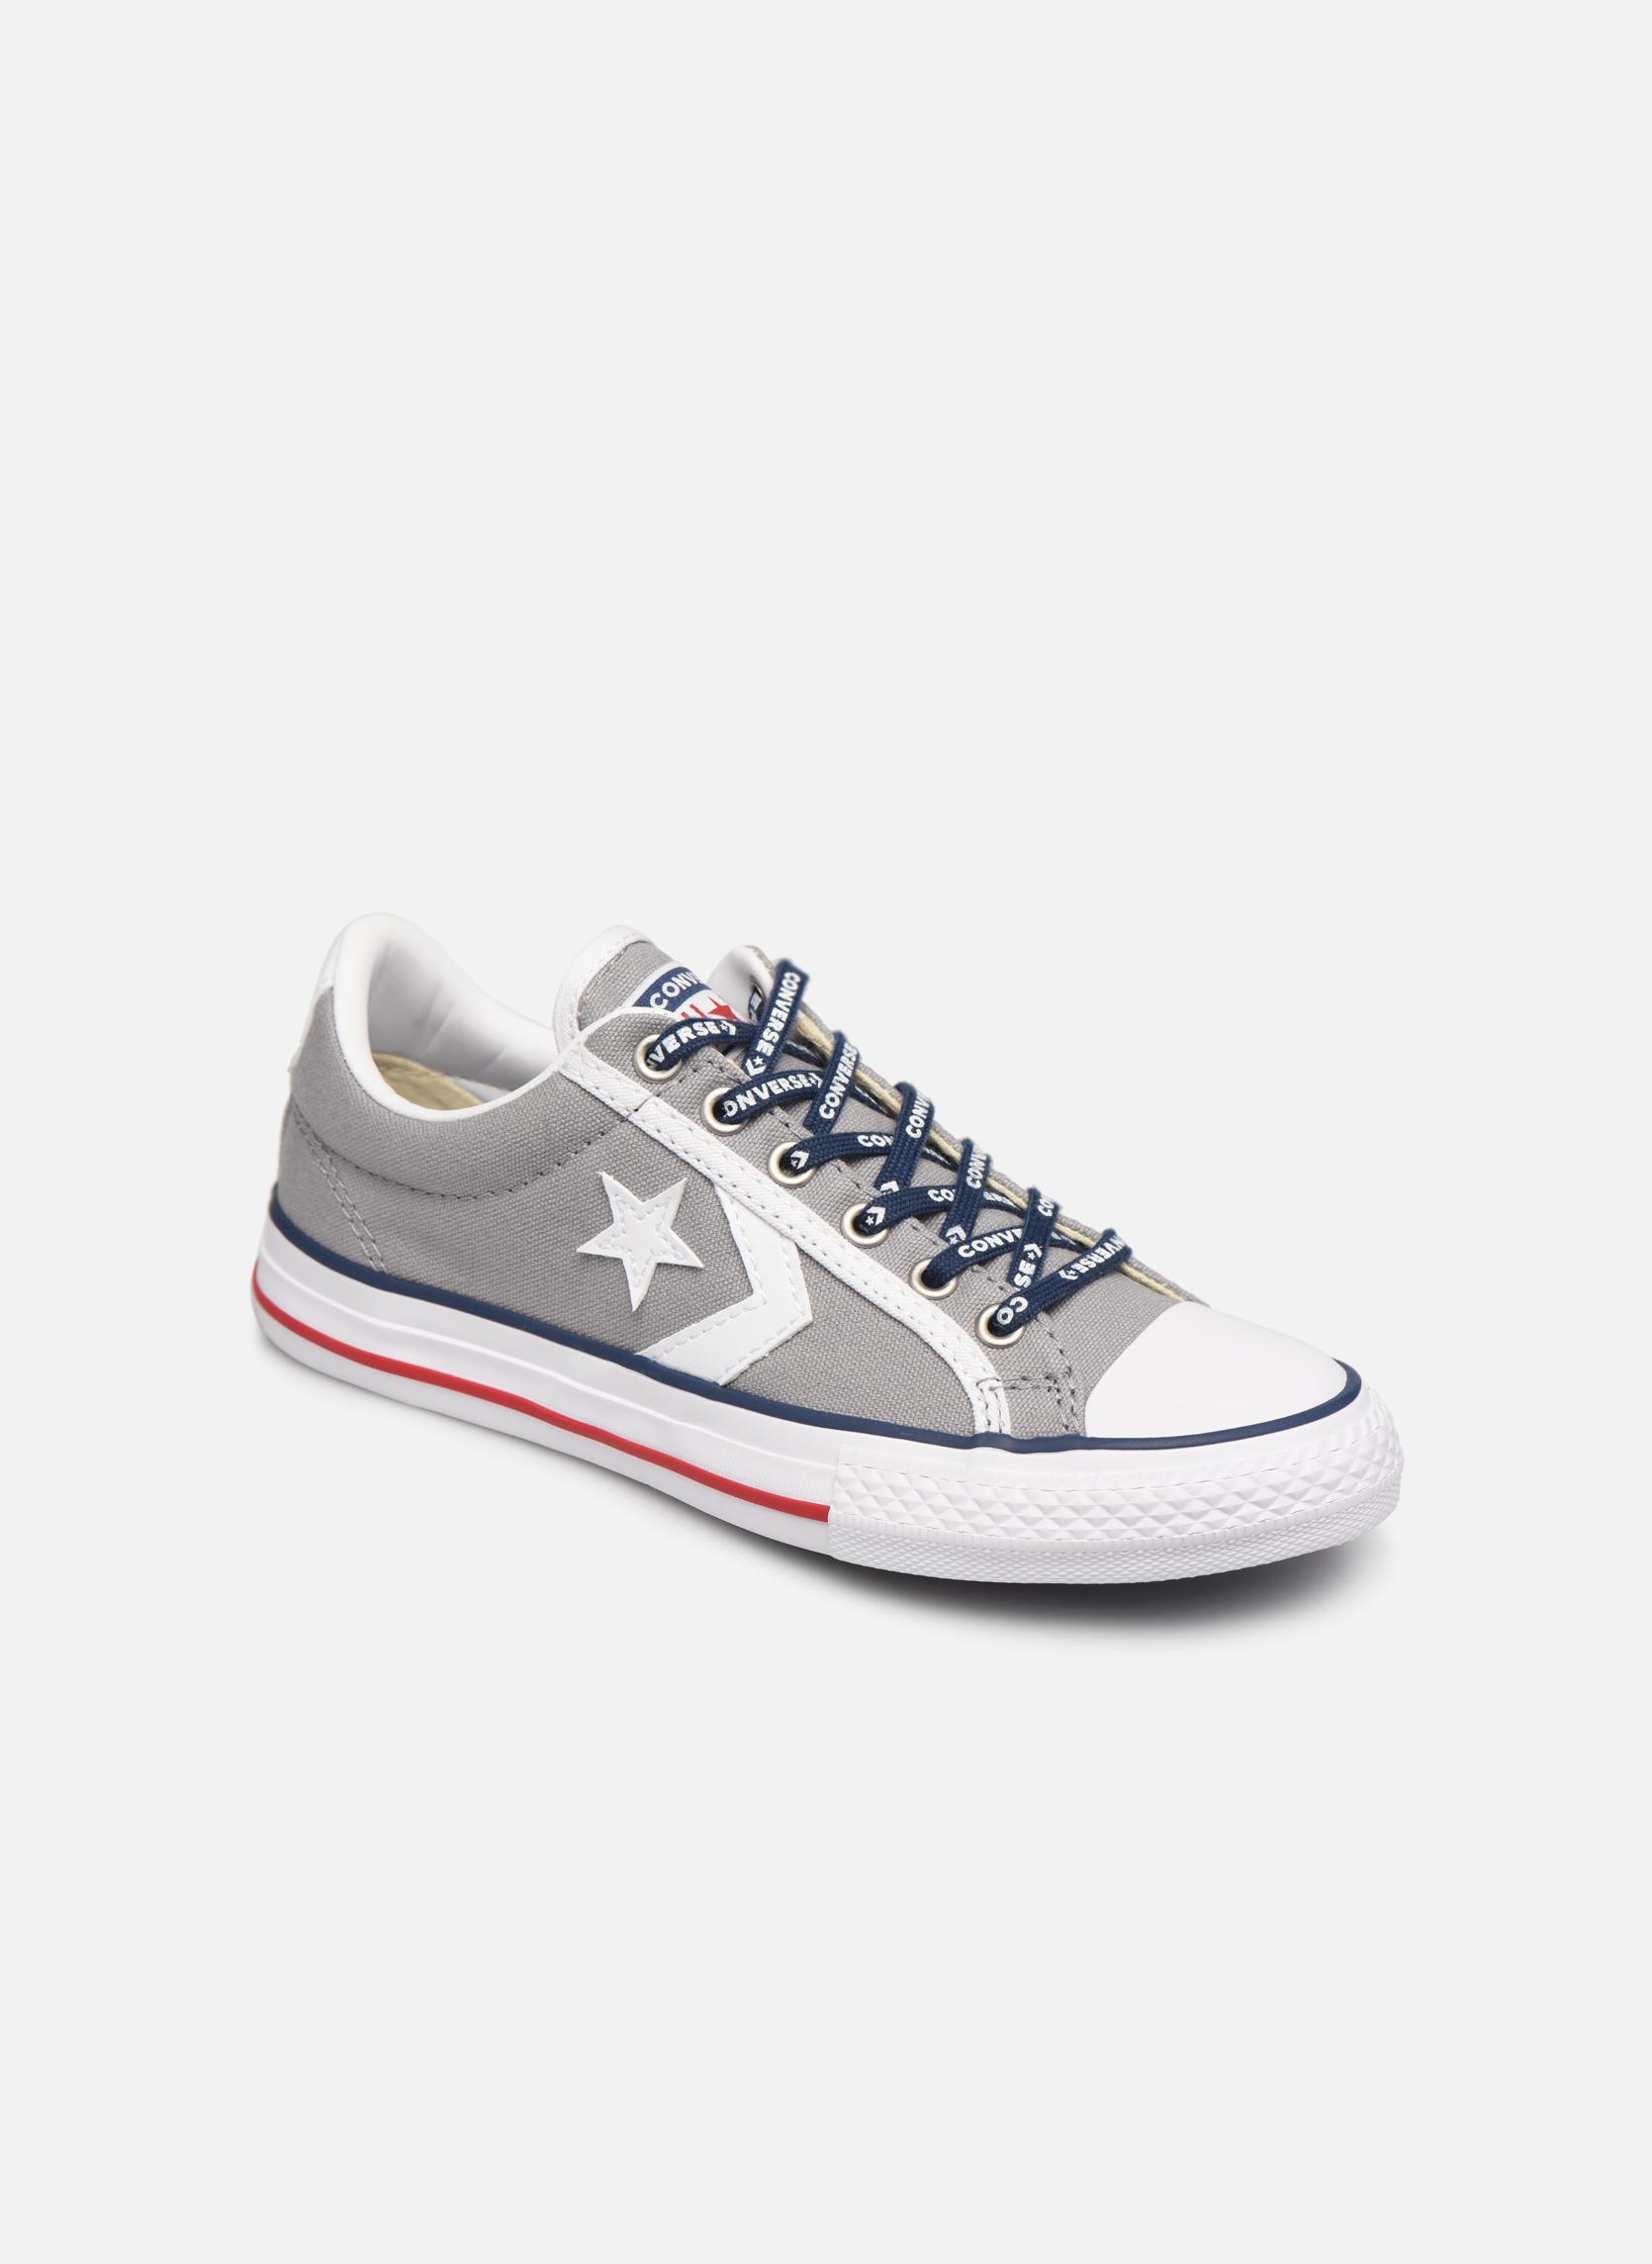 28880439371 Blauwe Sneakers van Converse maat 33 Tot € 175 ,- | AlleSchoenen.BE